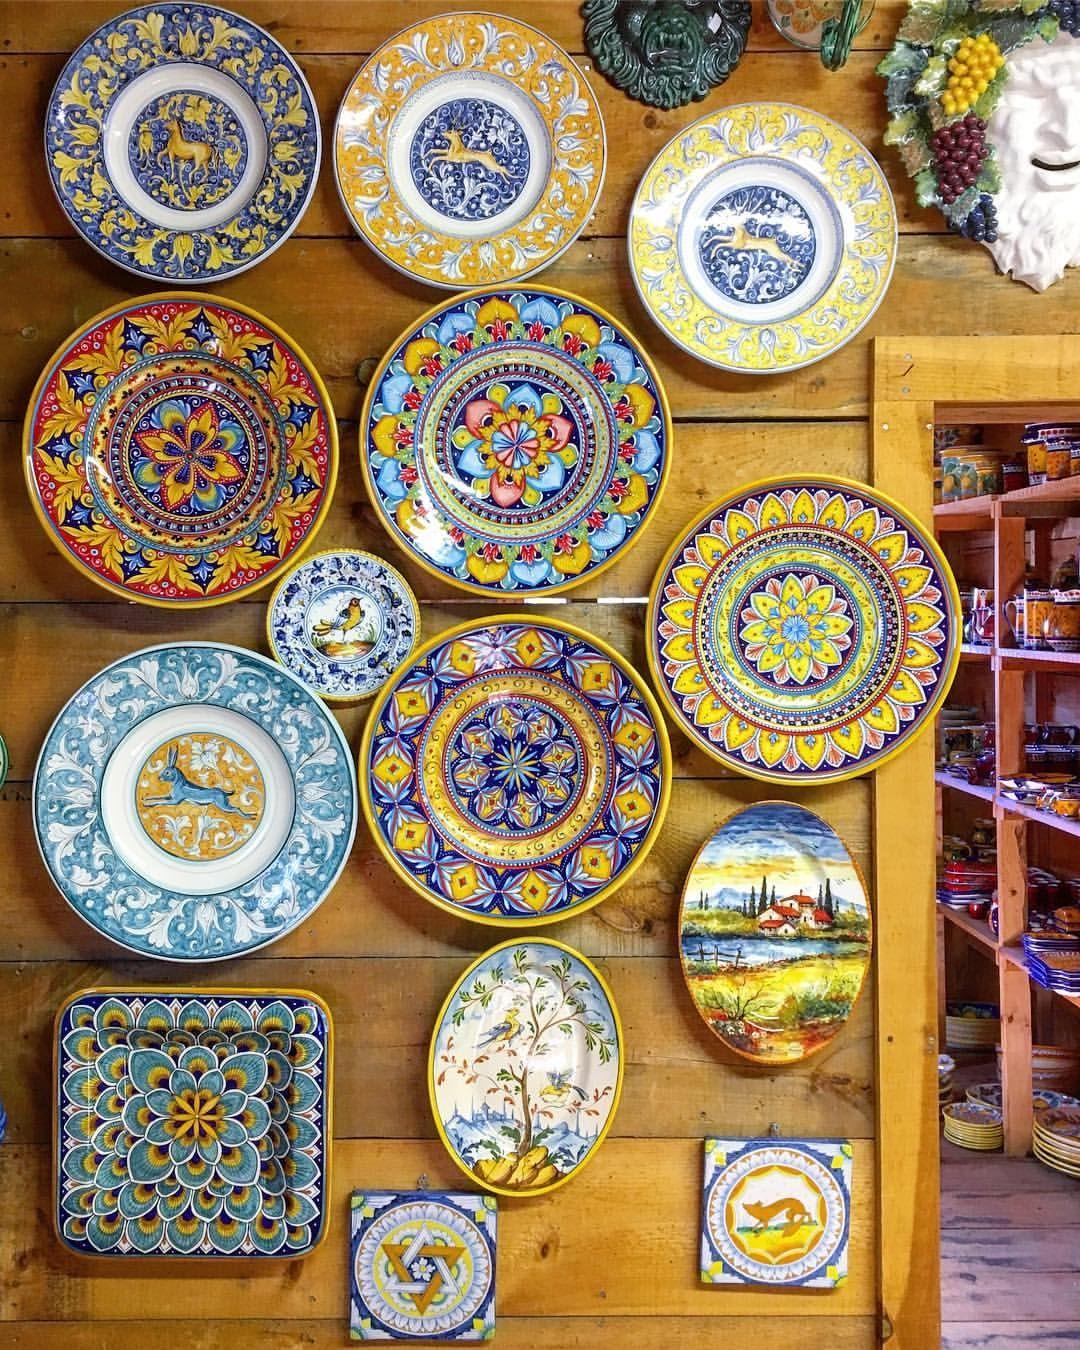 Ceramiche Toscane Montelupo Fiorentino bonechi imports italian ceramics: pottery from deruta gubbio